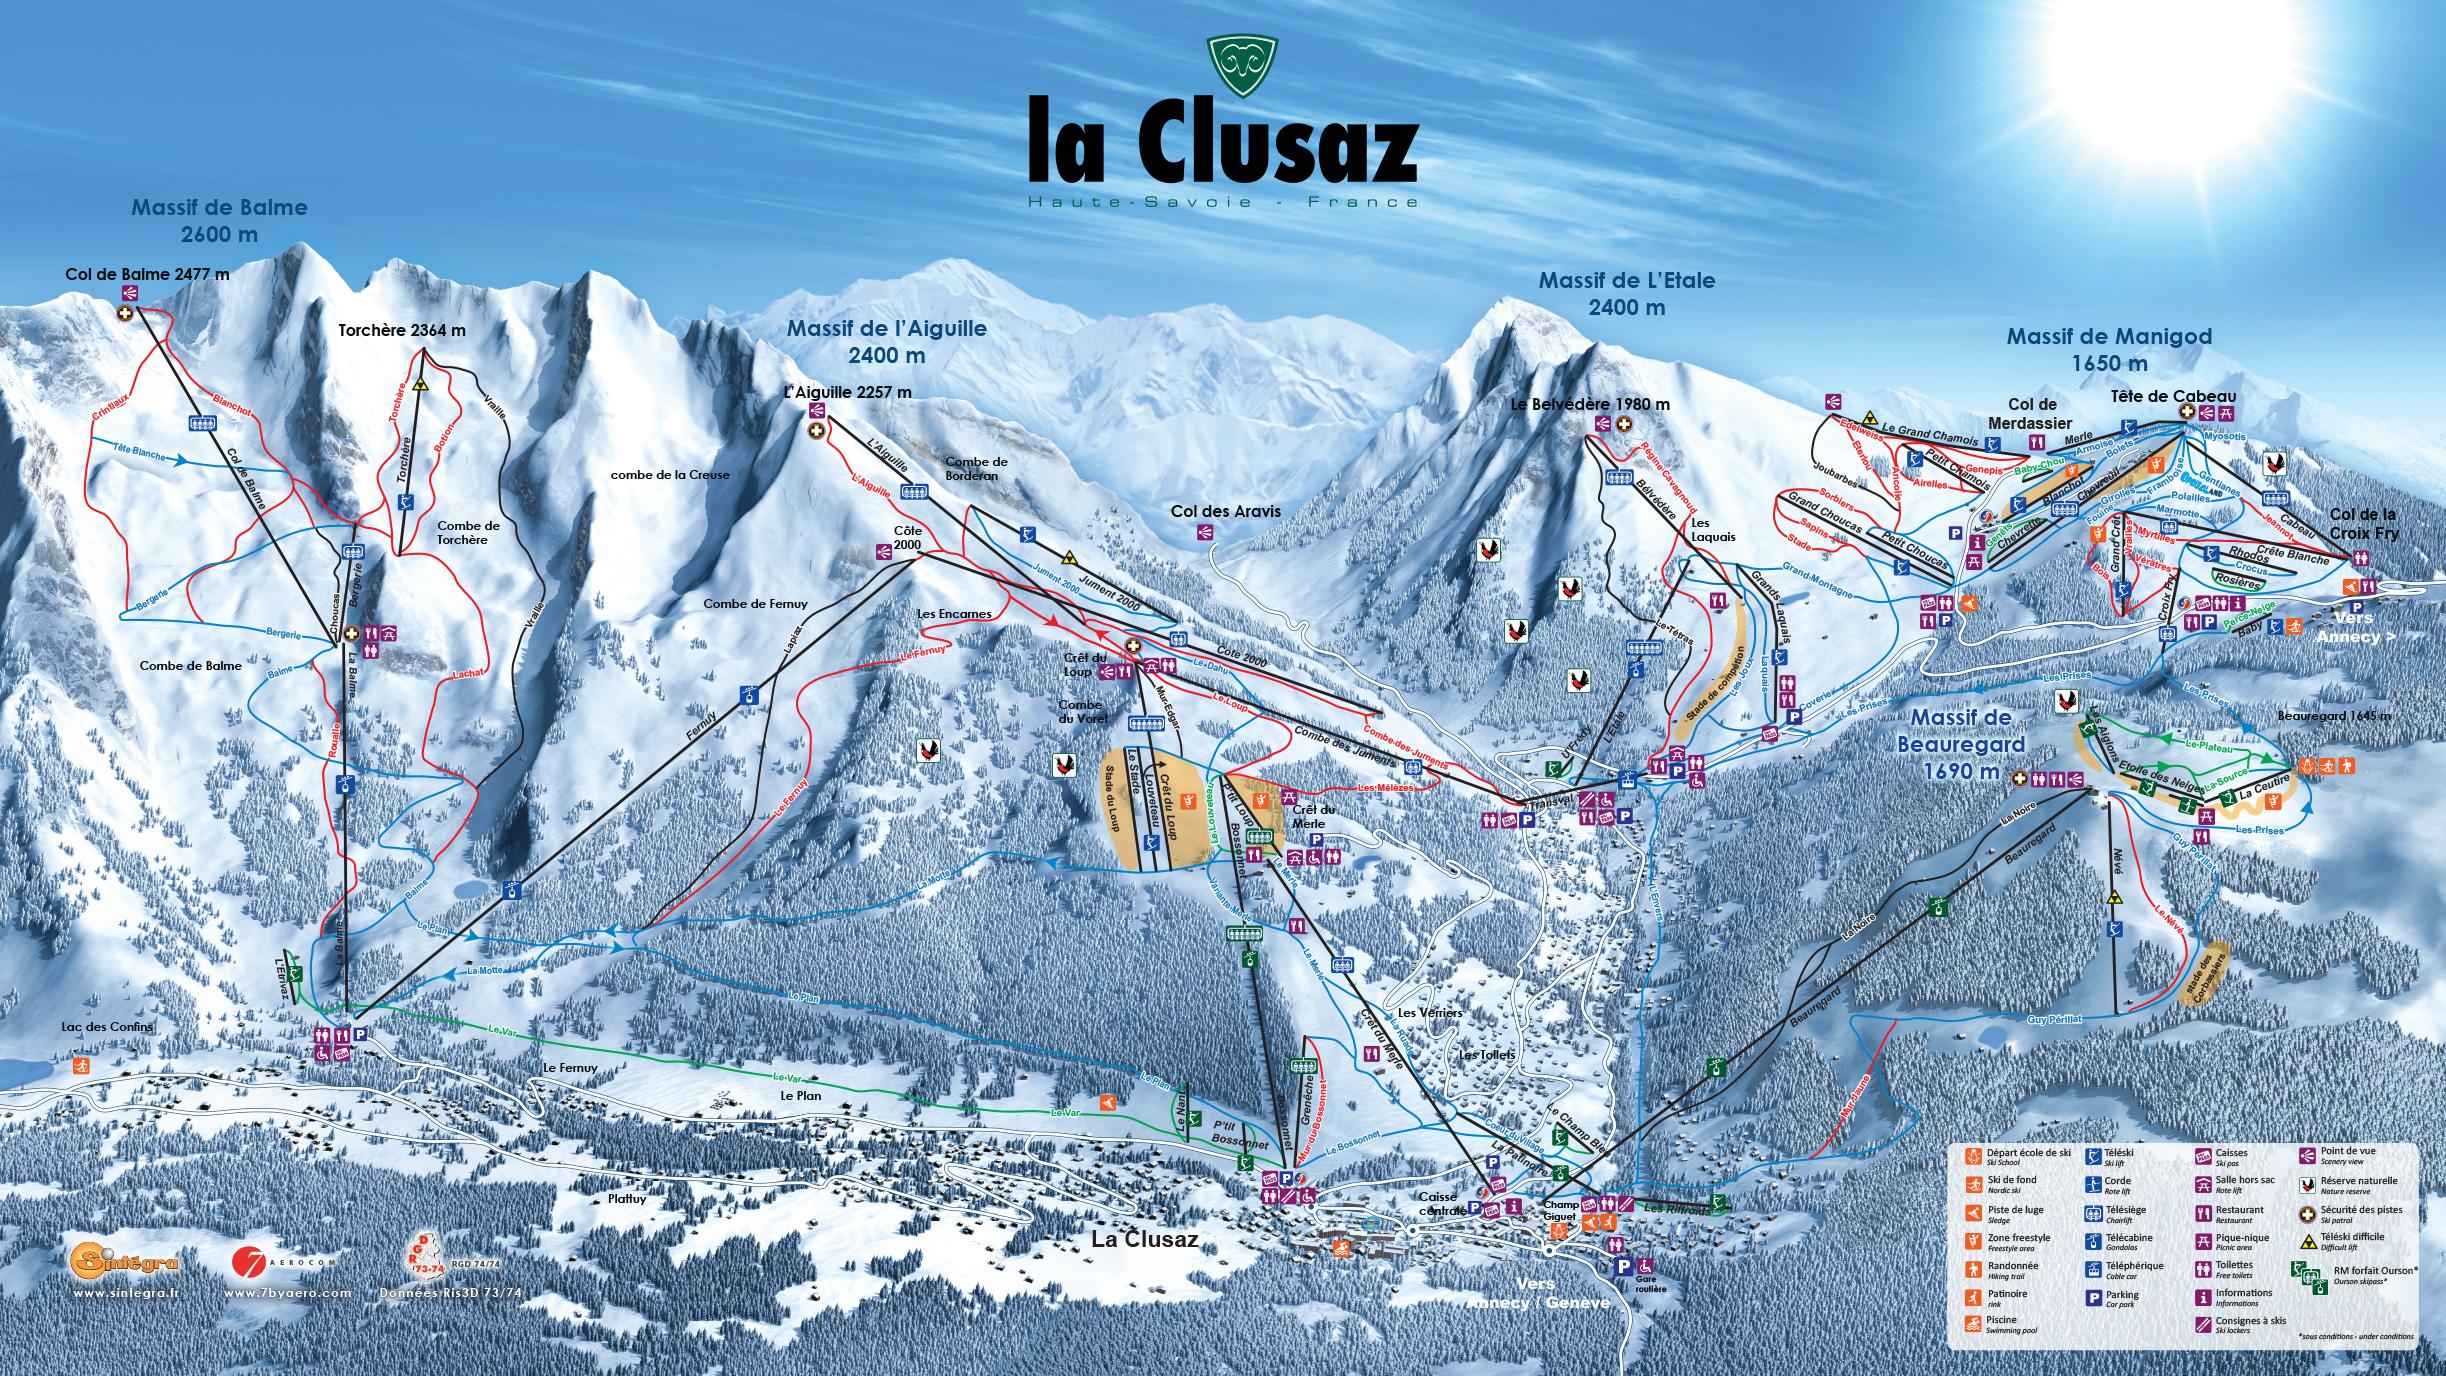 Carte de la station de la Clusaz